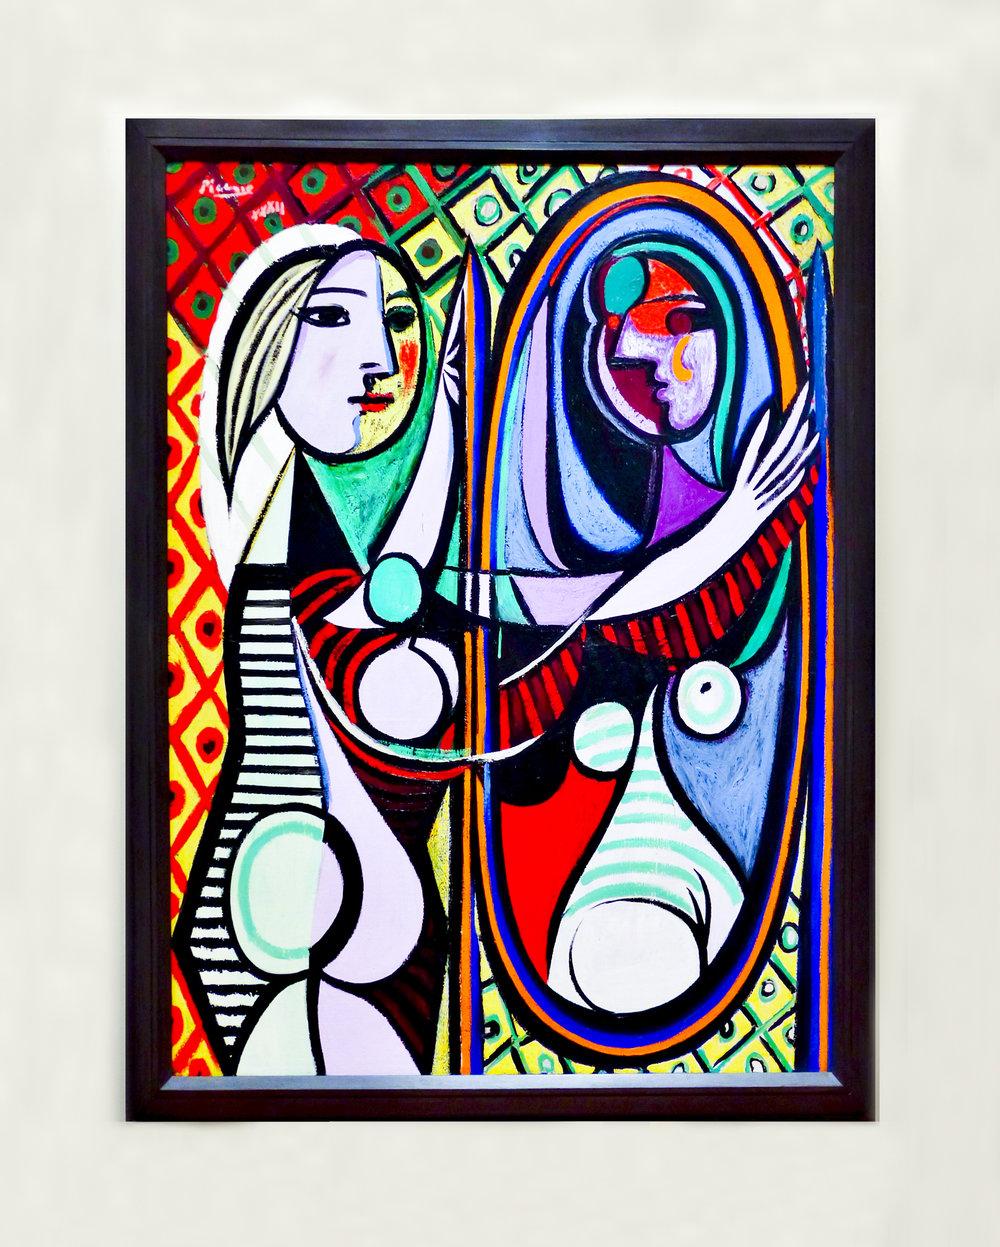 Pablo Picasso, 'Jeune file devant un miroir',March 1932, oil on canvas,Museum of Modern Art, New York